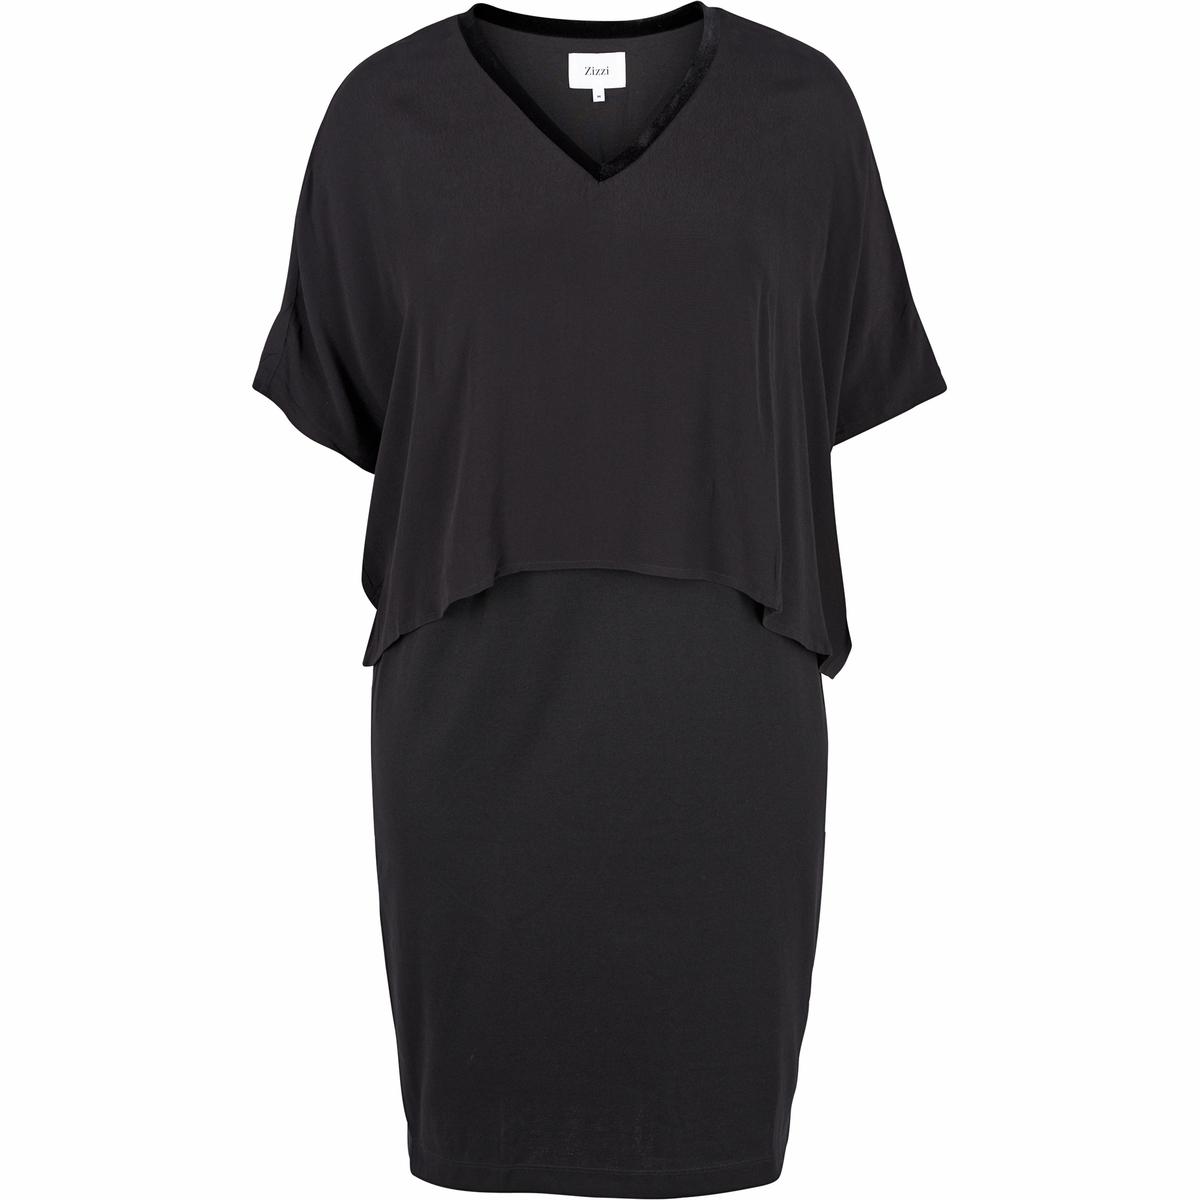 ПлатьеПлатье с короткими рукавами ZIZZI. 100% вискоза. Платье с красивой внутренней частью из облегающей тело вискозы. Красивая внешняя часть платья придает ему утонченный и женственный внешний вид. V-образный вырез, рукава до локтей.<br><br>Цвет: черный<br>Размер: 42/44 (FR) - 48/50 (RUS)